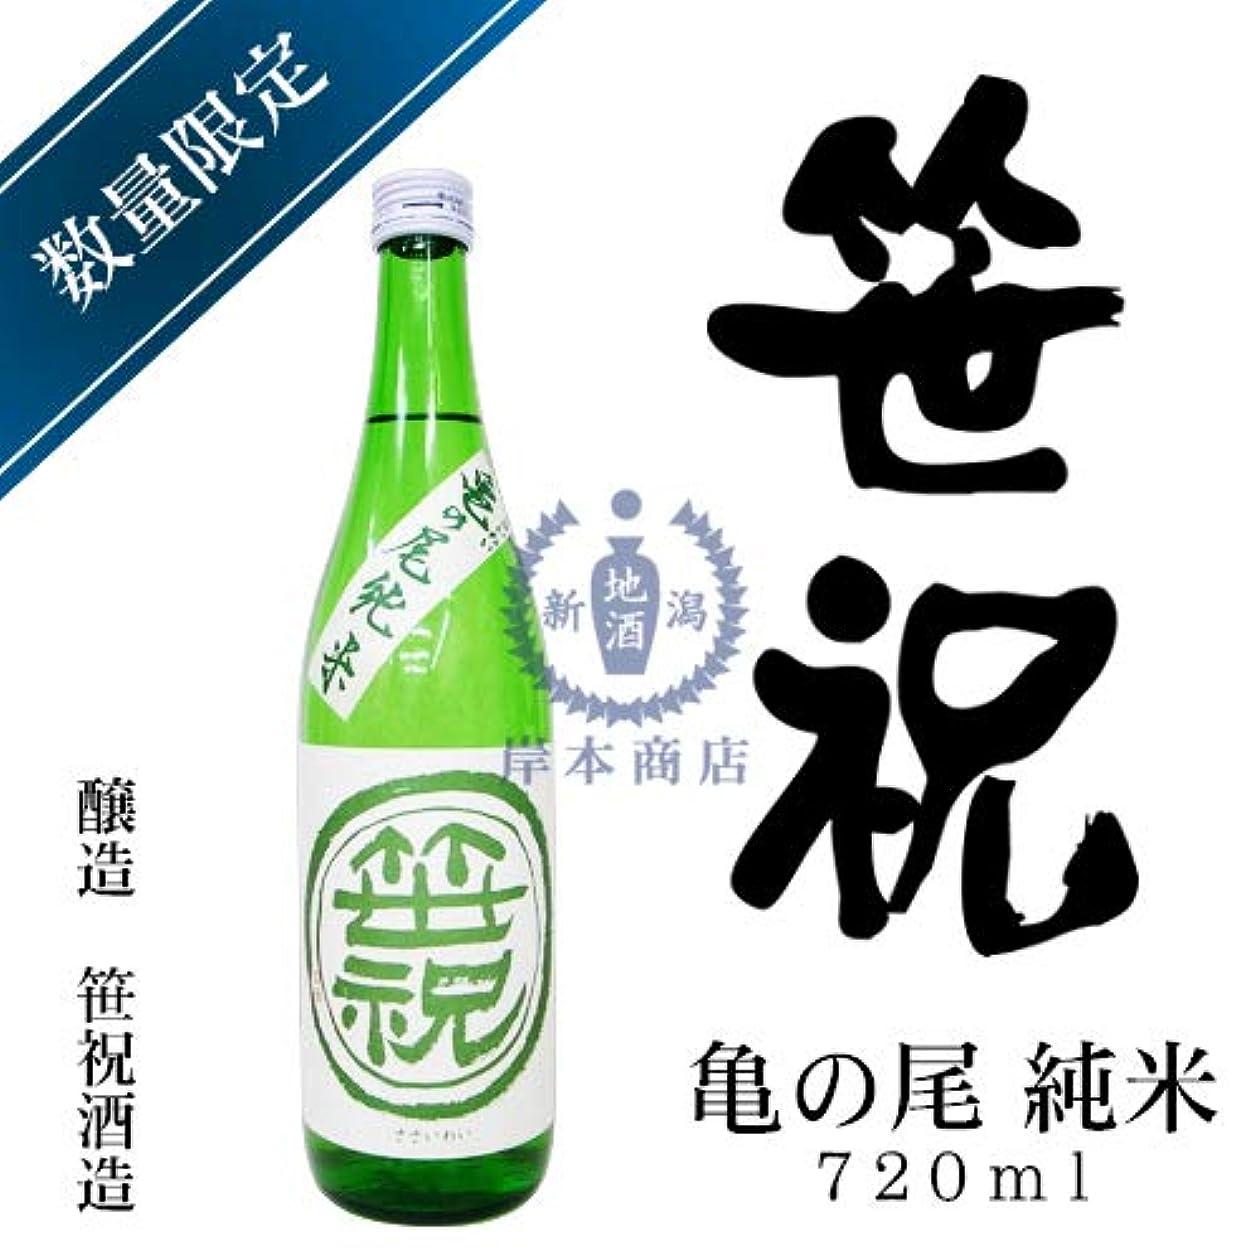 吸収する不機嫌そうな納屋ささいわい 亀の尾純米酒 720ml